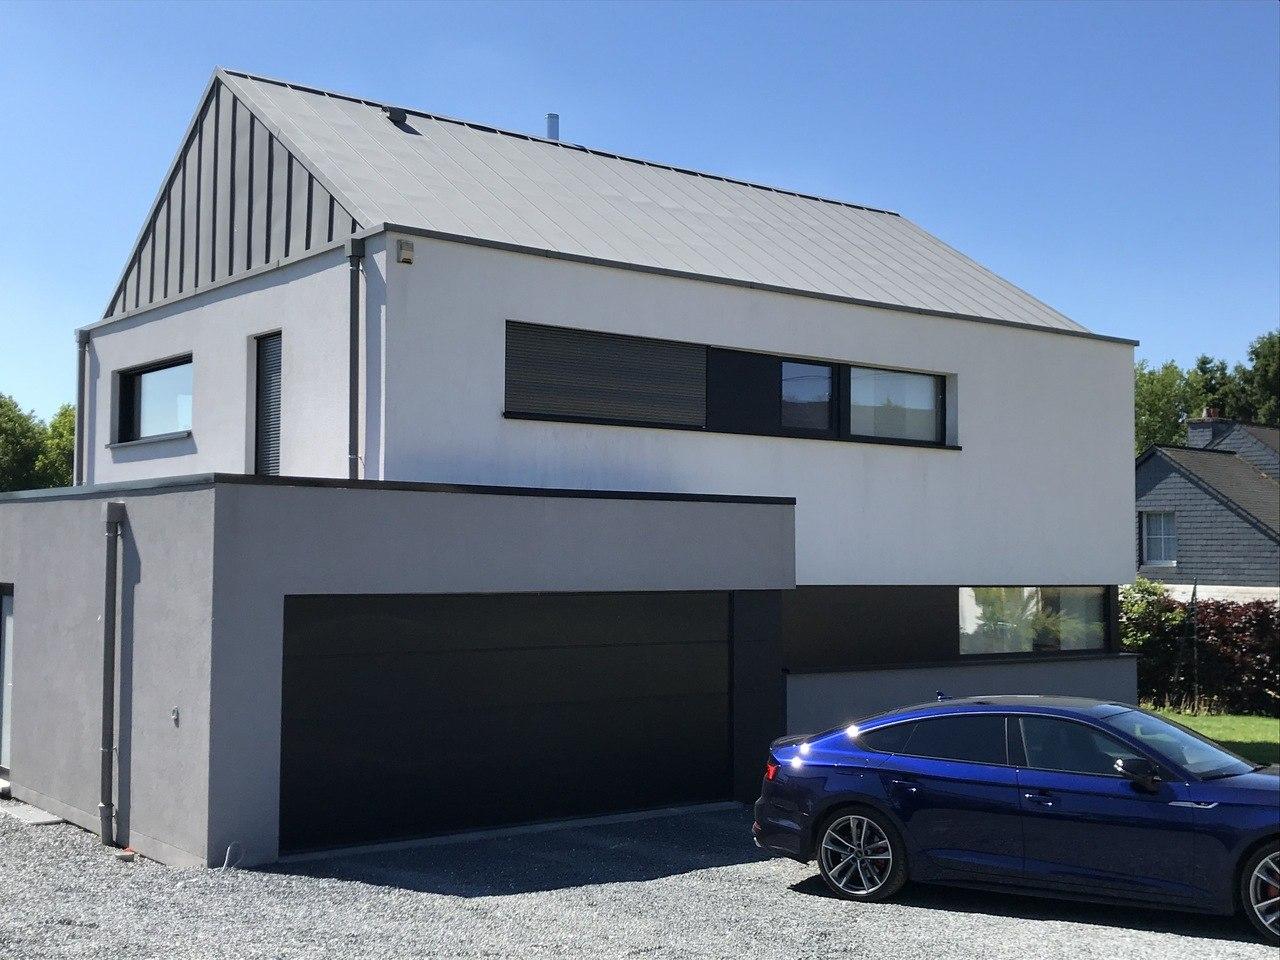 alcove-legrand-design-meuble-parquet-faux-plafond-ossature-extension-bois-wood-cloison-mobilier-porte-escalier-luxembourg-arlon